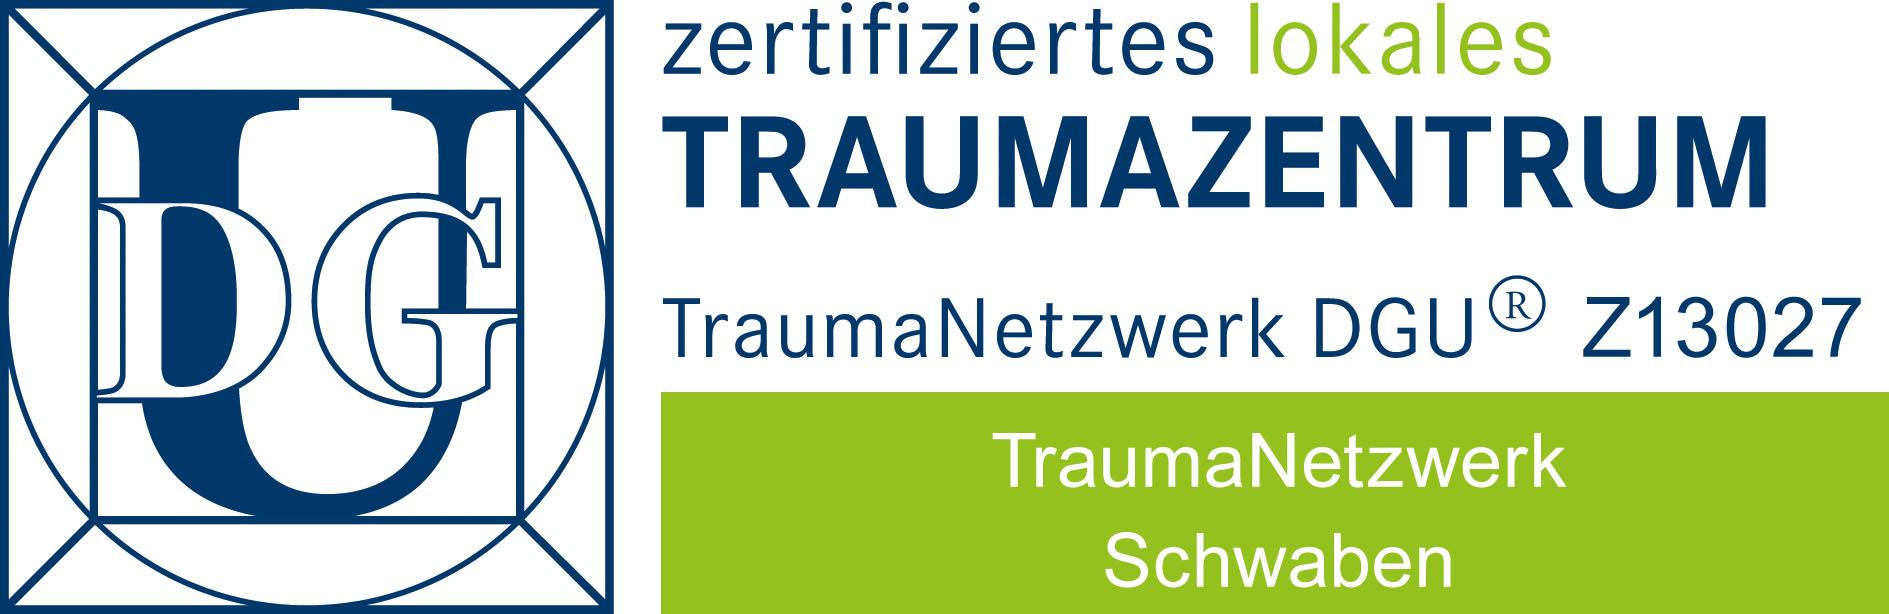 Traumazentrum Donauwörth Zertifikat